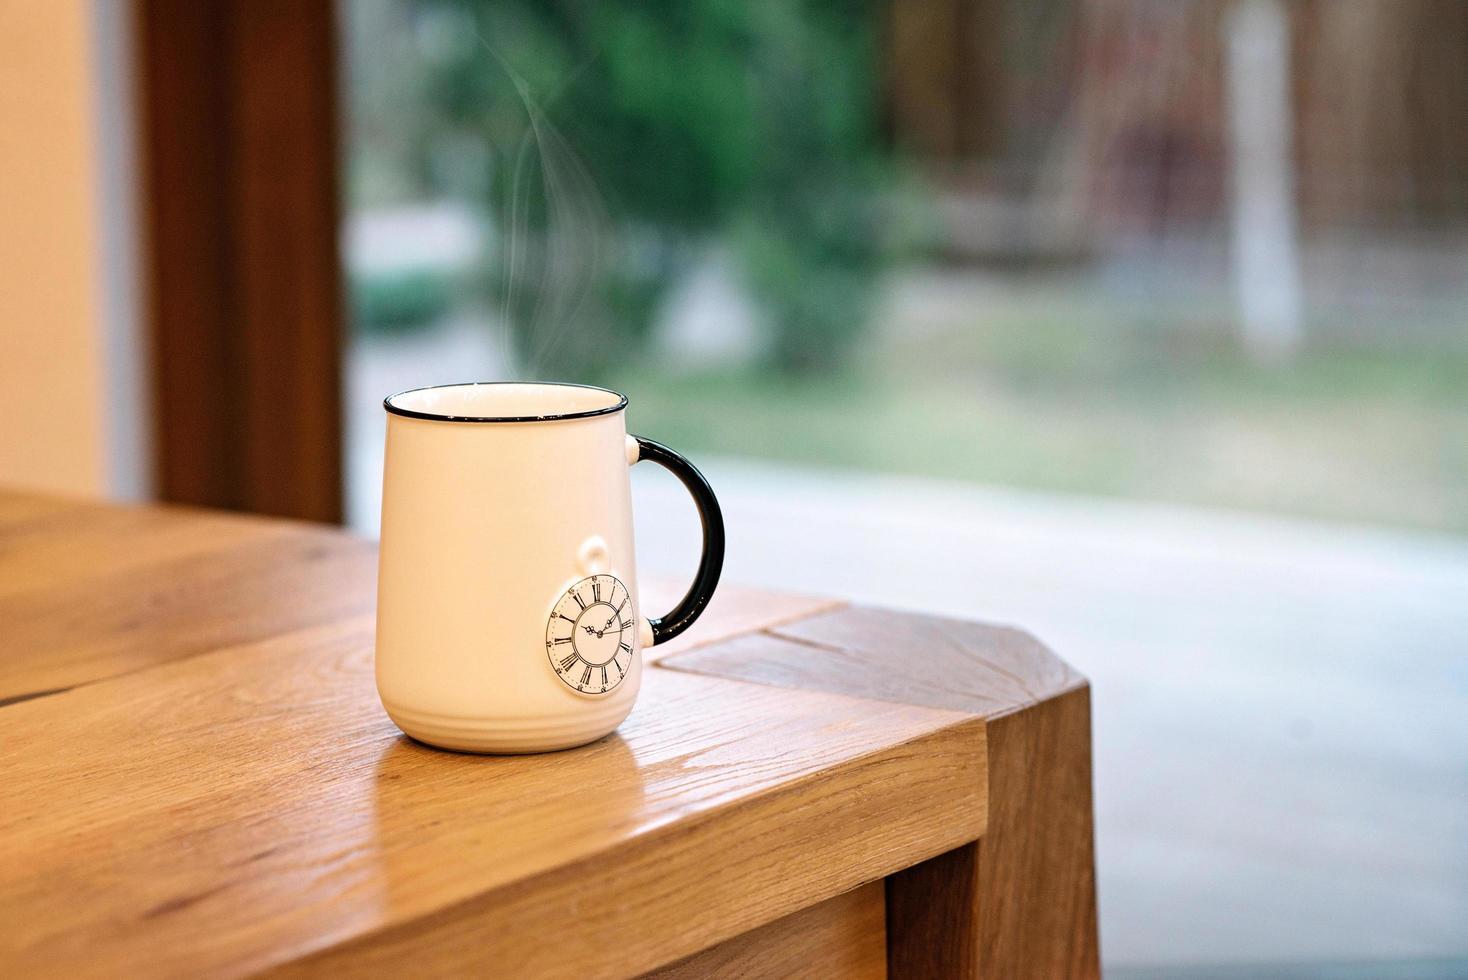 en skyhög vit kopp med en bild av en fickur på ett träbord. foto